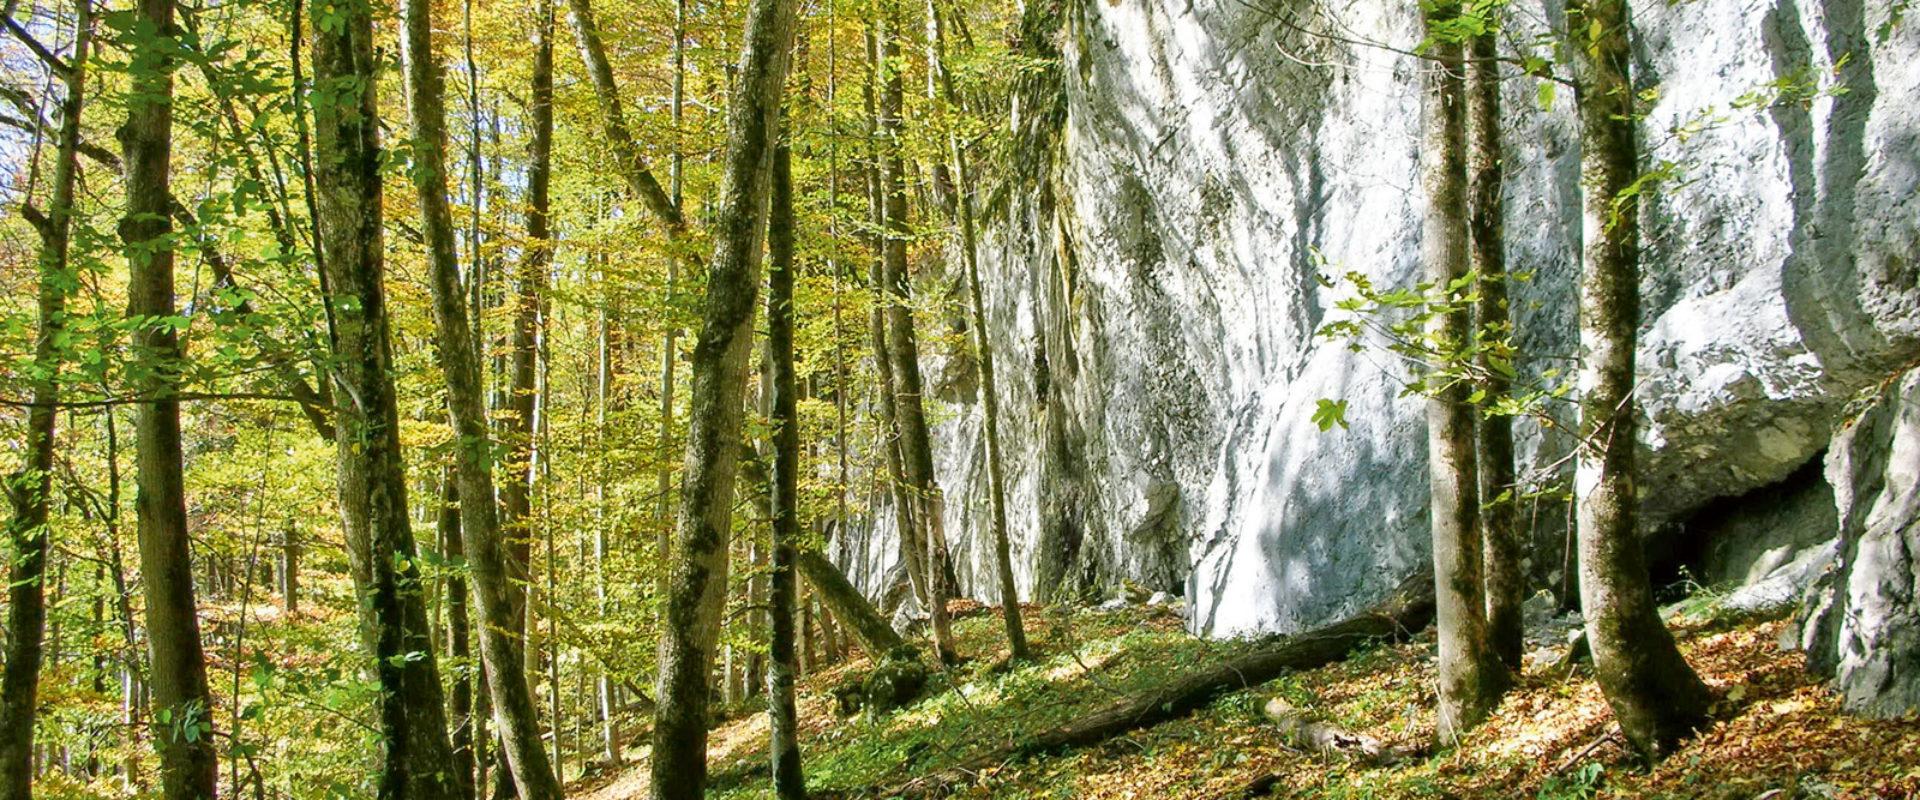 Höhlenpark in Bezau